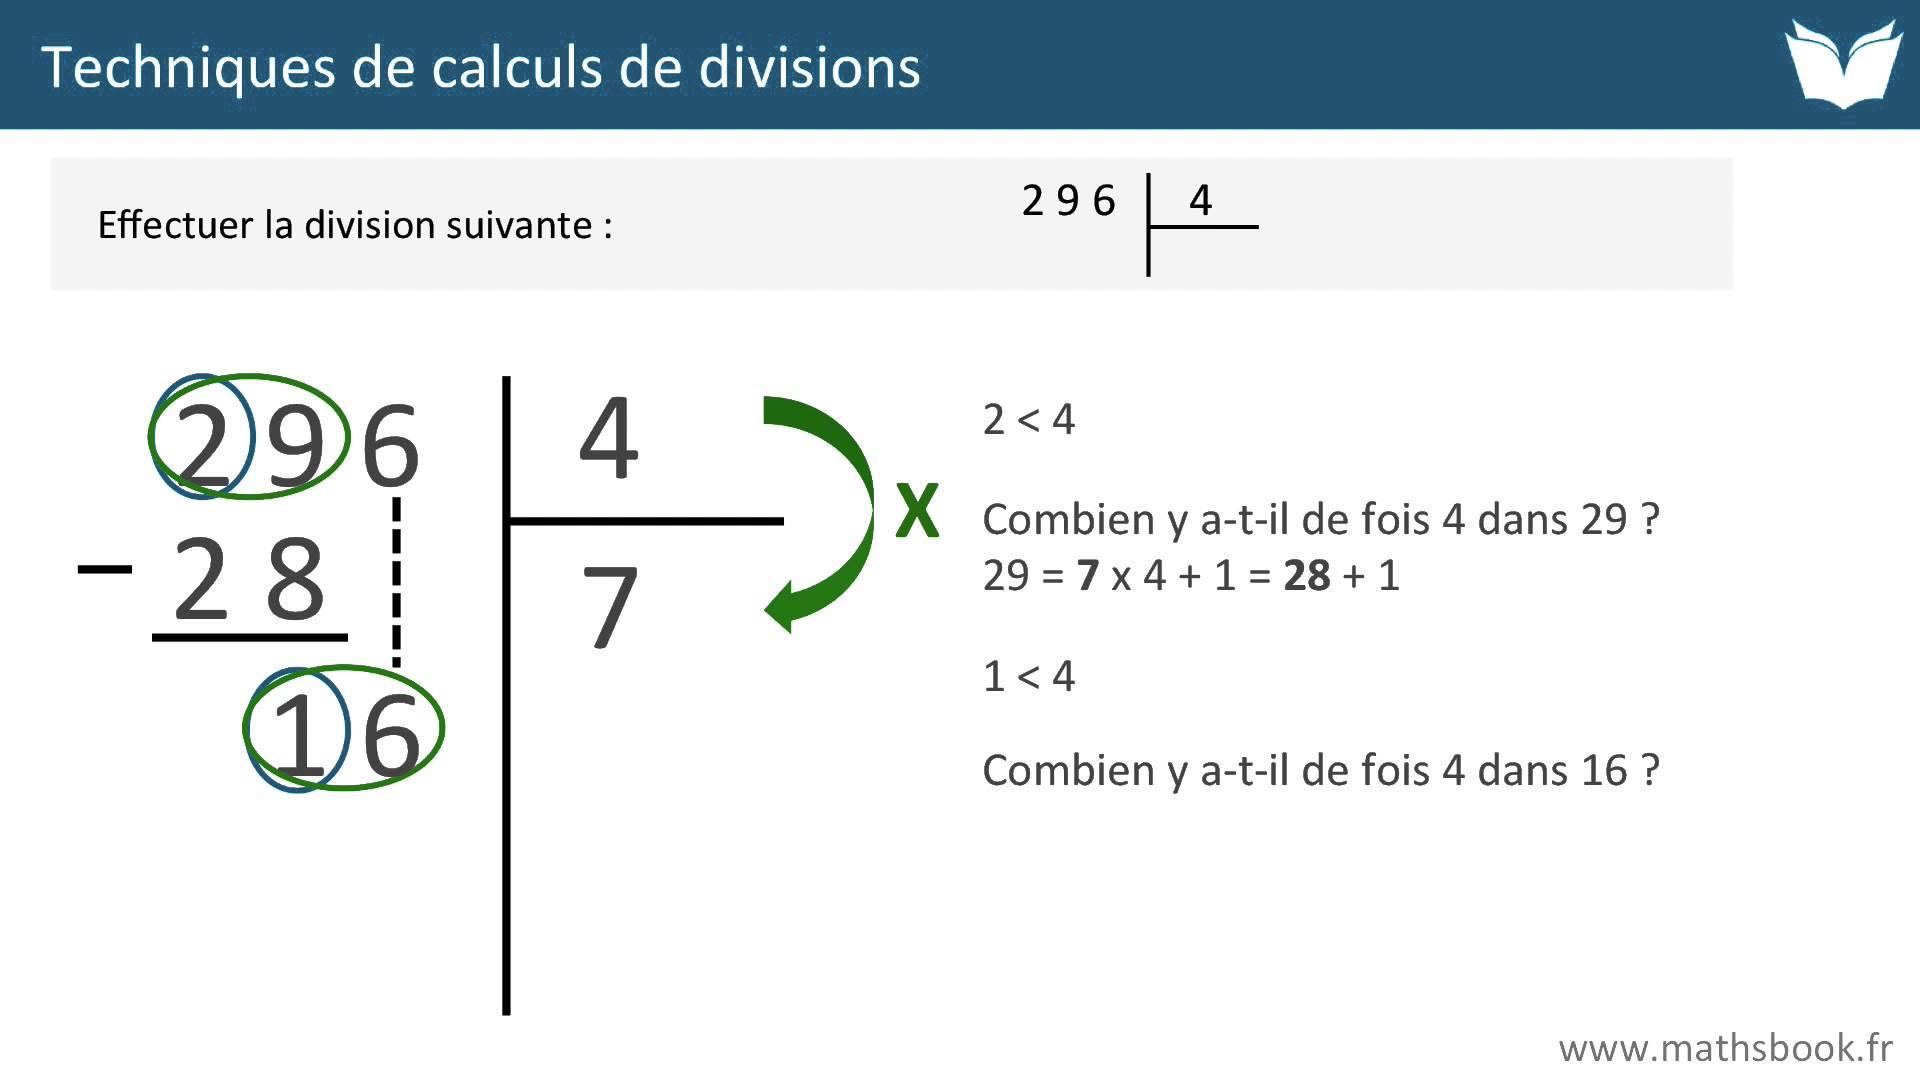 Des cours et exercices de maths interactifs